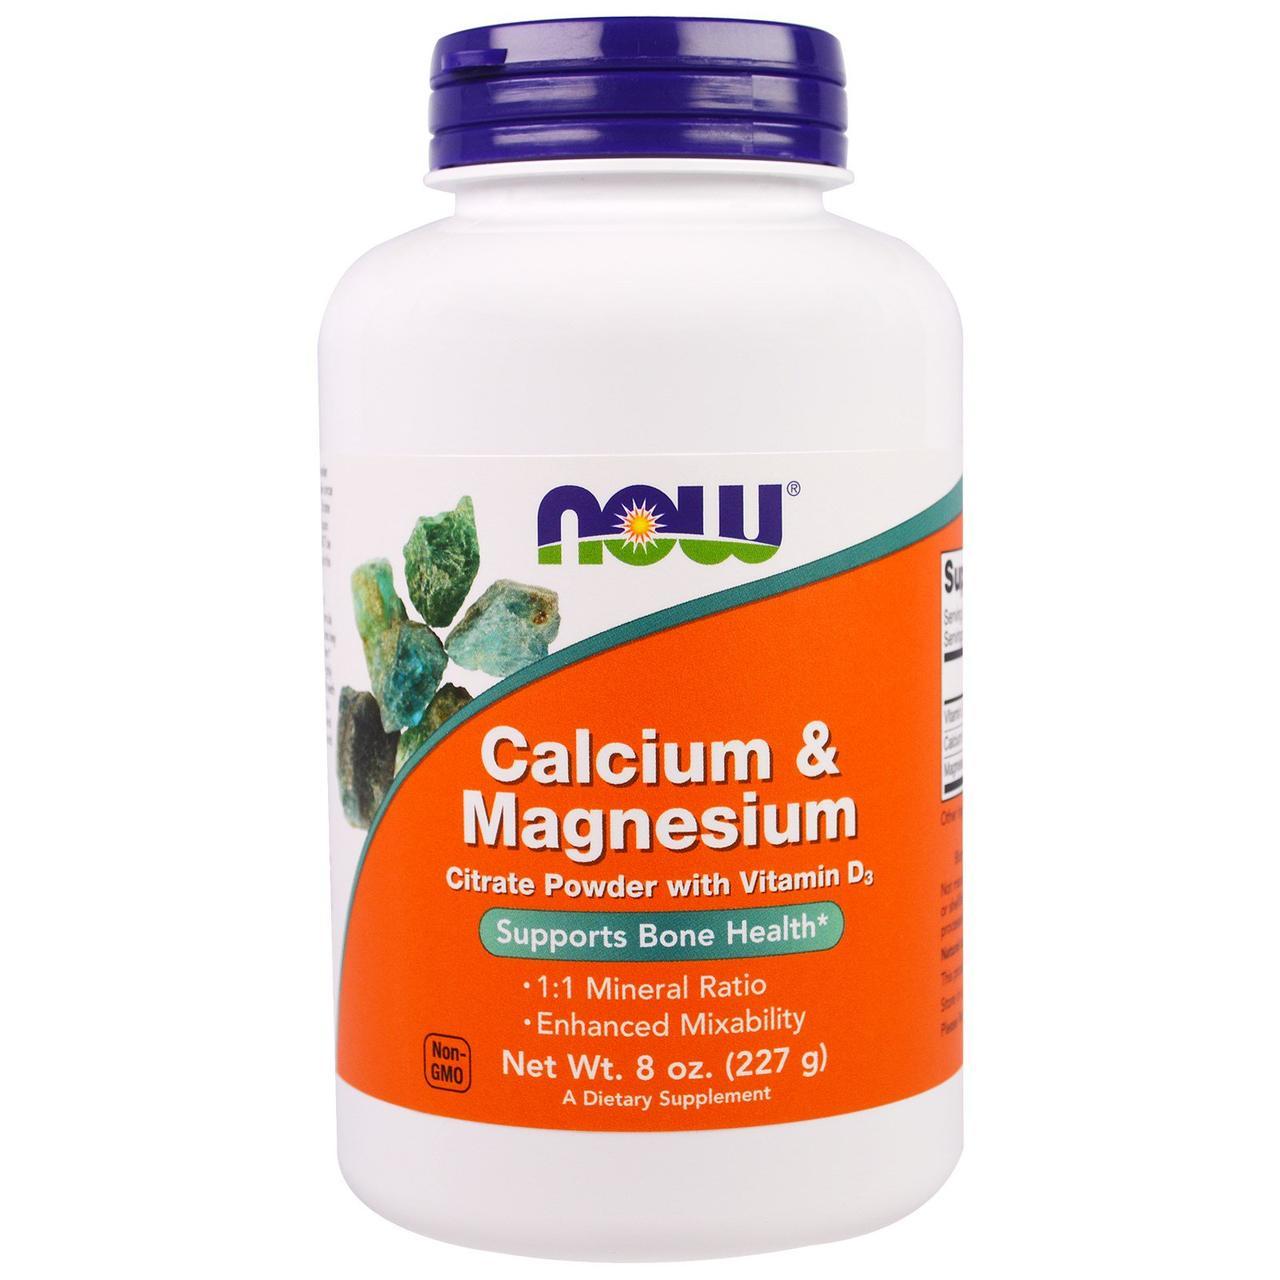 Кальций и магний, Calcium & Magnesium, Now Foods, 1:1, 227 г